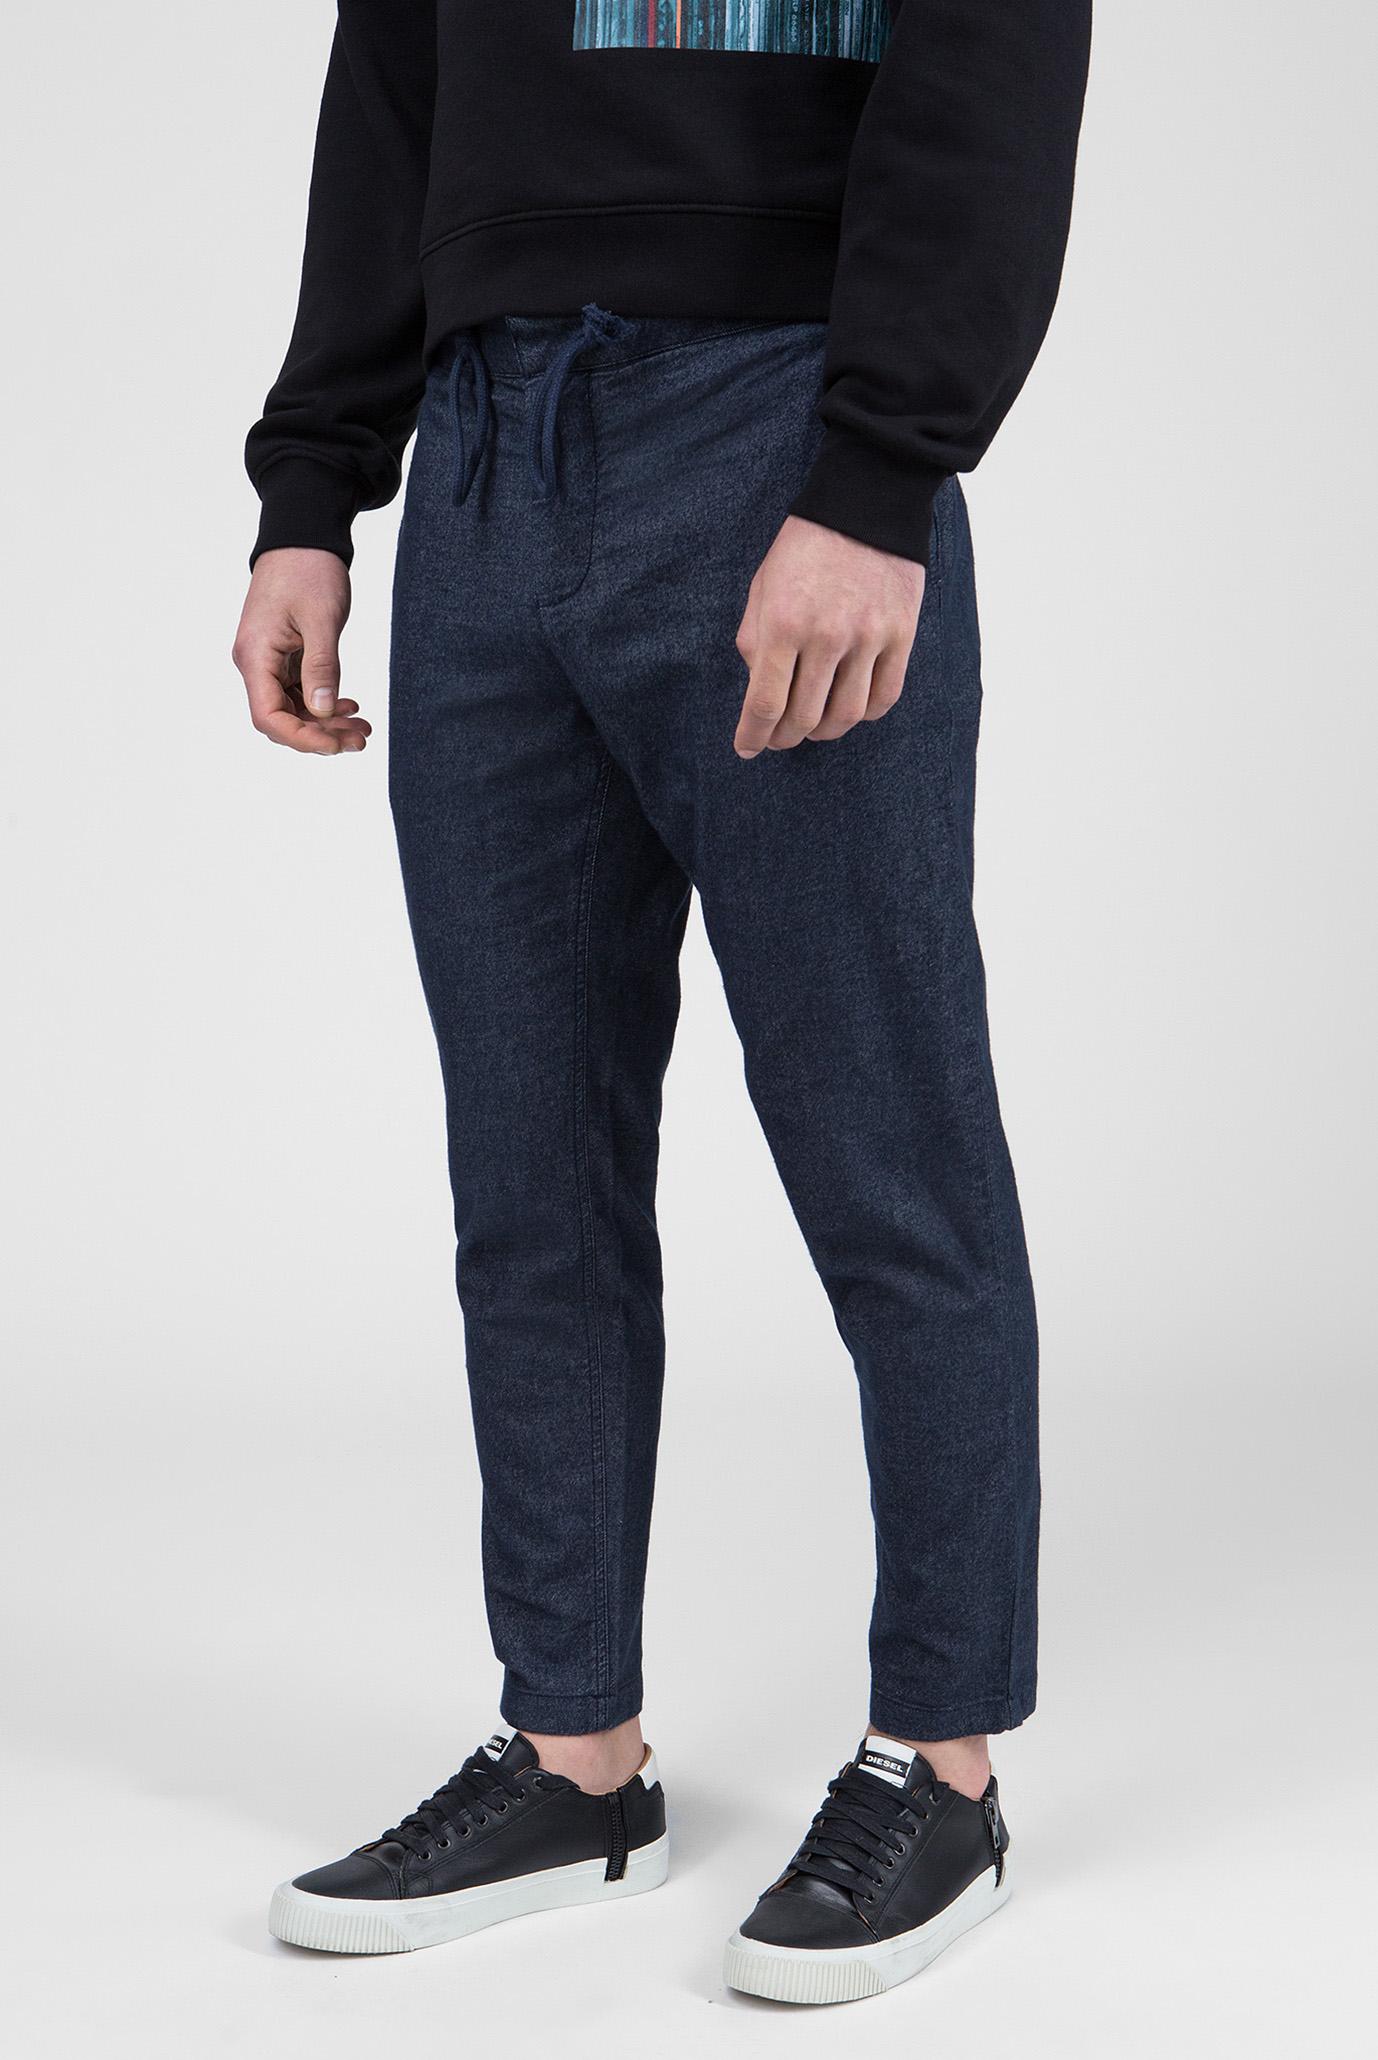 Купить Мужские синие джинсы KEYS Regular Pepe Jeans Pepe Jeans PM2112000 – Киев, Украина. Цены в интернет магазине MD Fashion